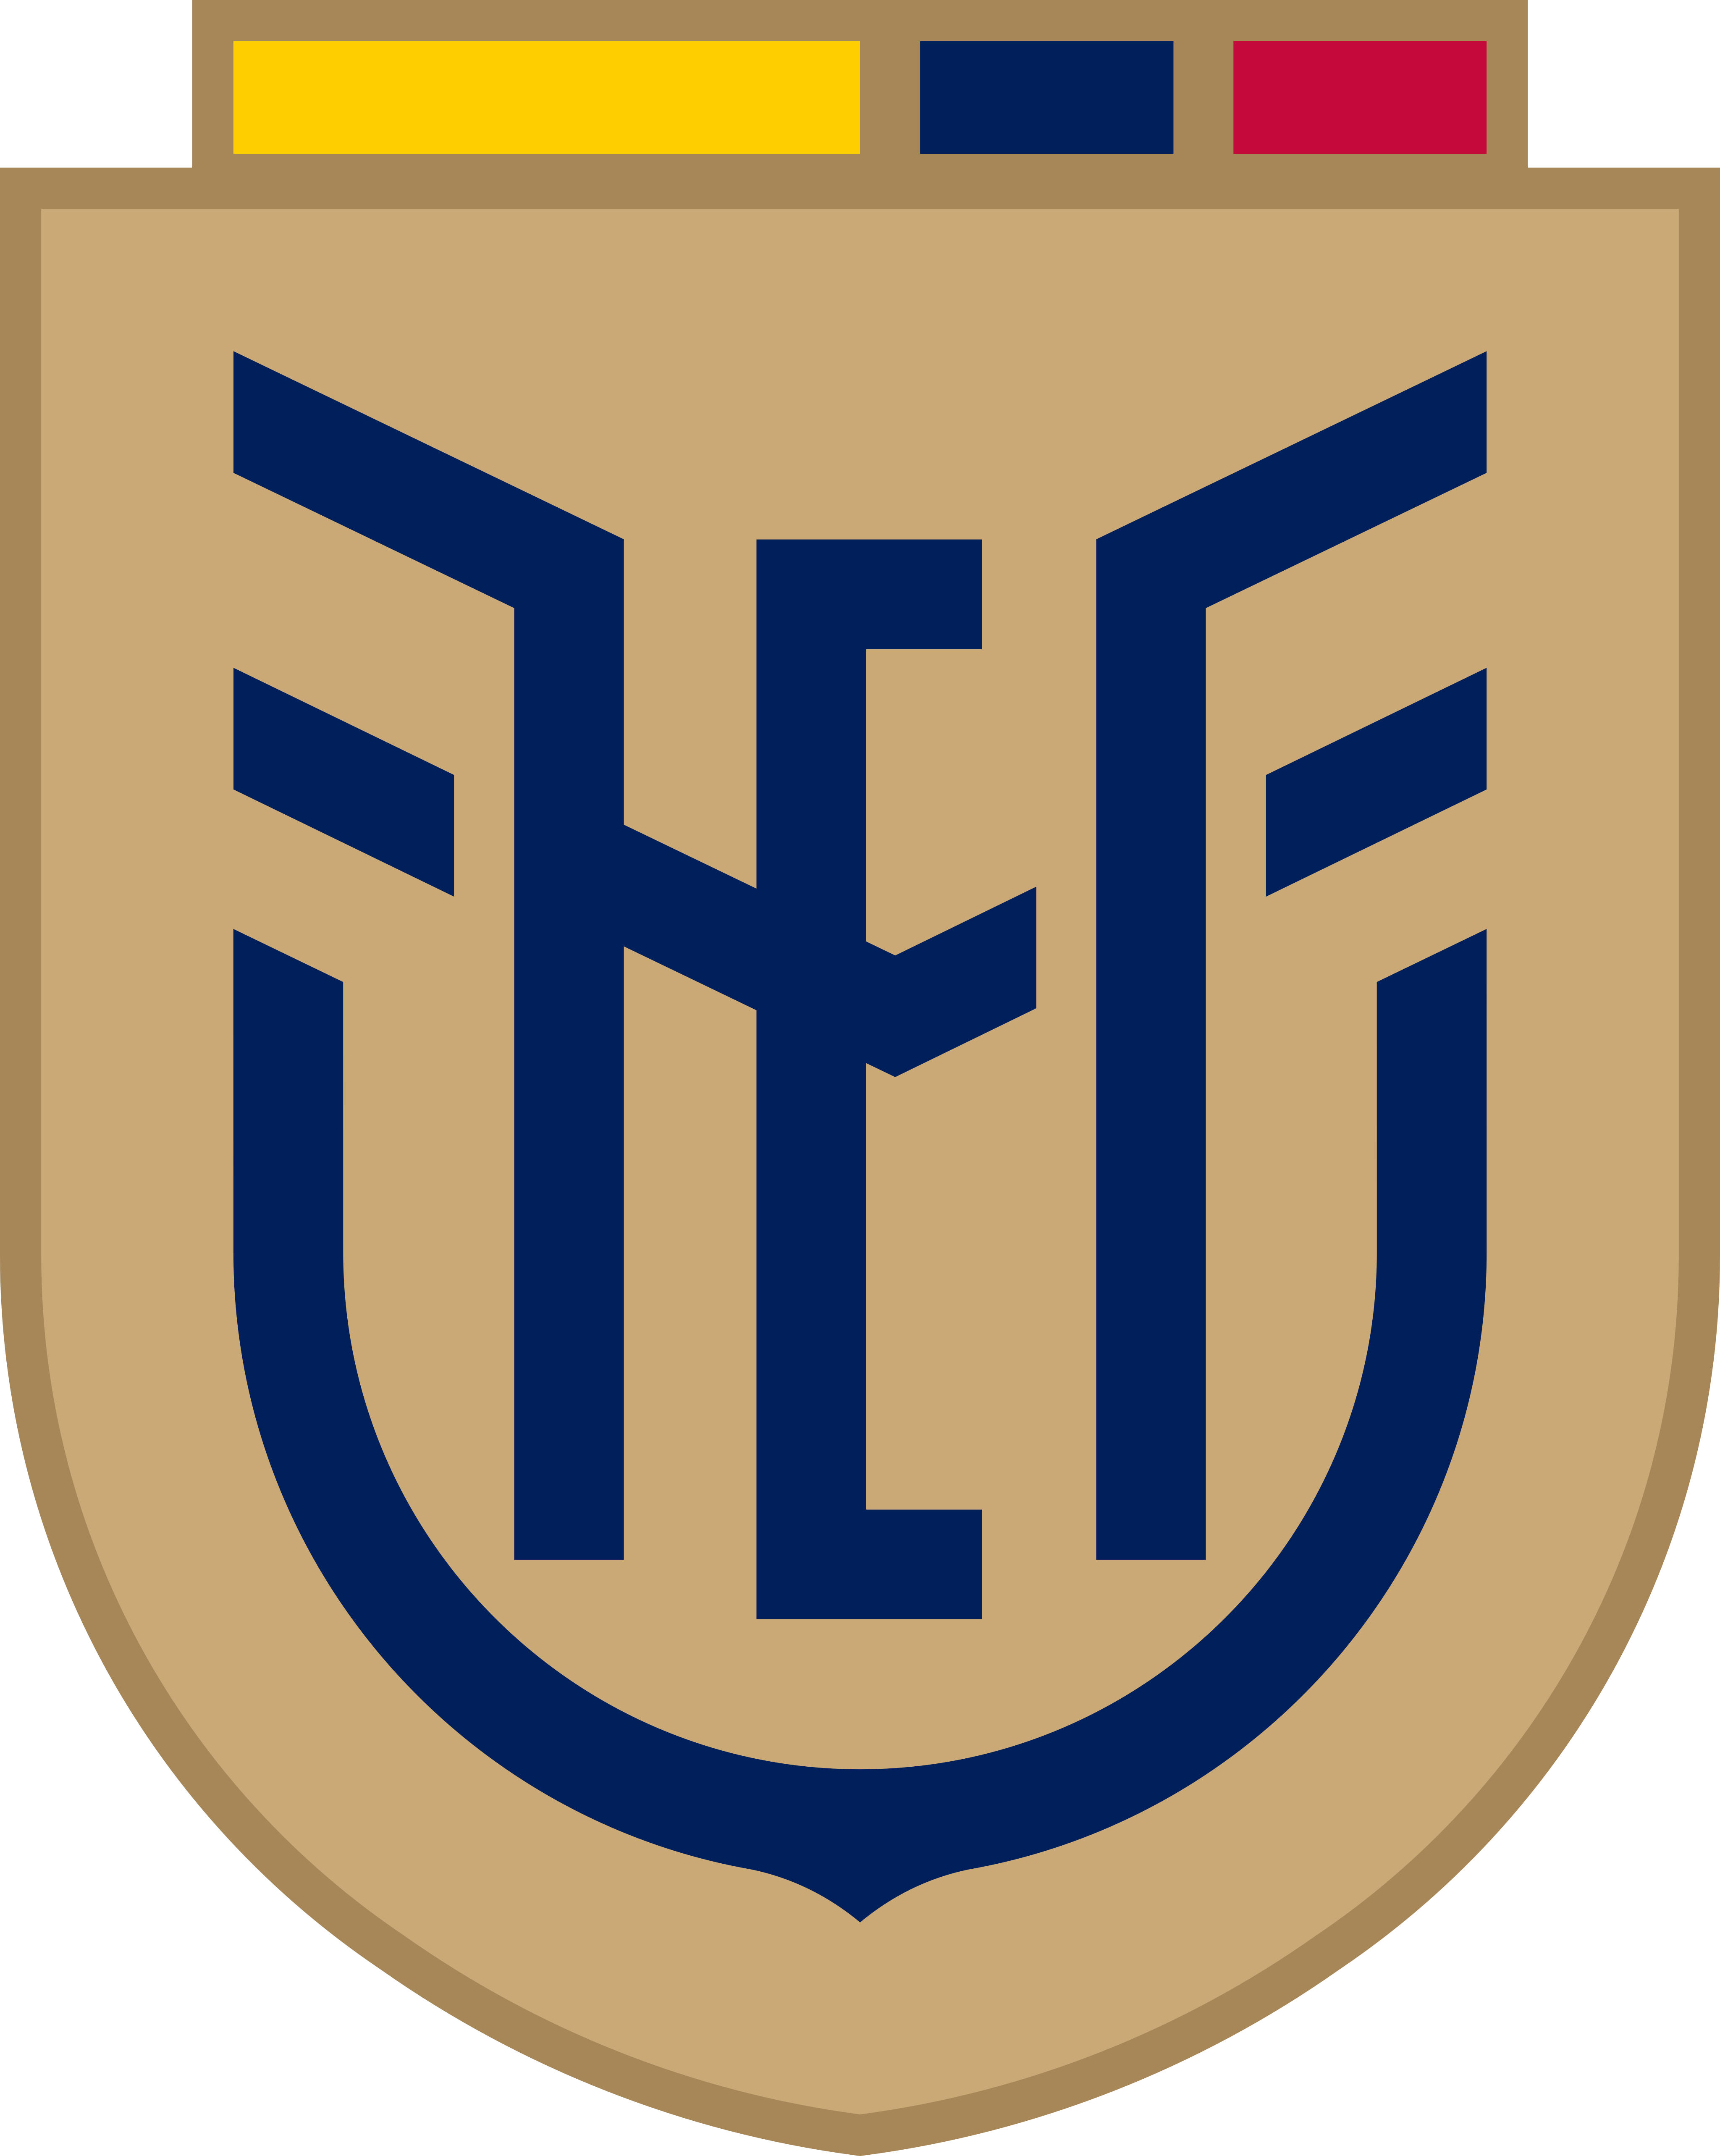 fef seleccion ecuador logo - FEF Logo - Seleção do Equador de Futebol Logo